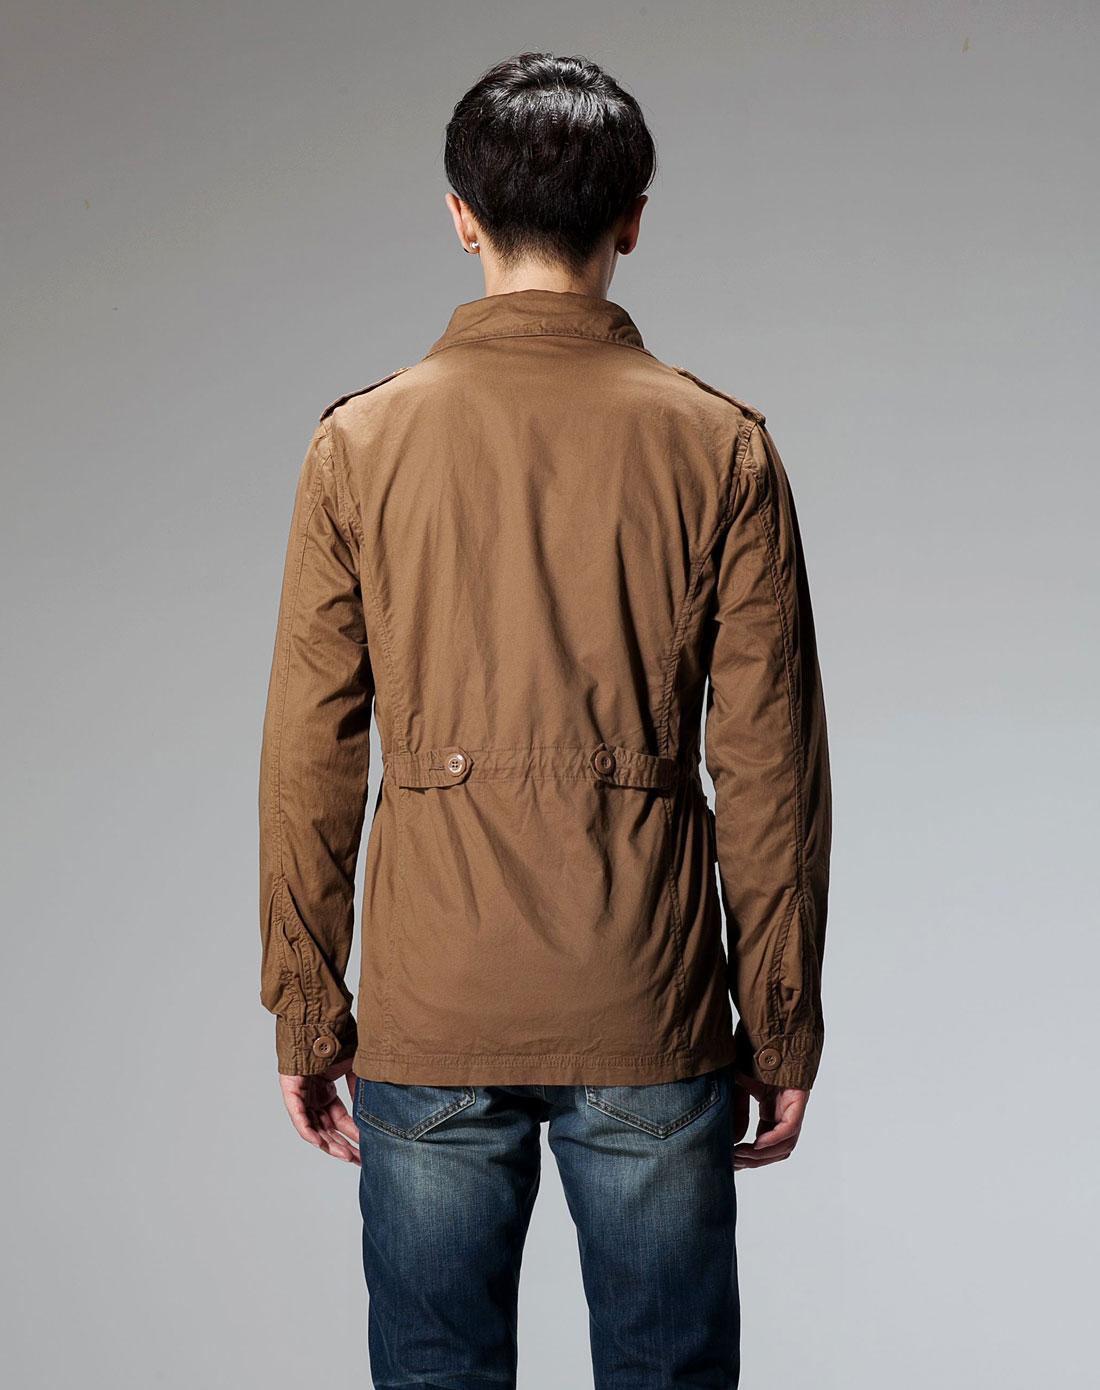 唐狮tonlion深卡其色时尚翻领长袖外套